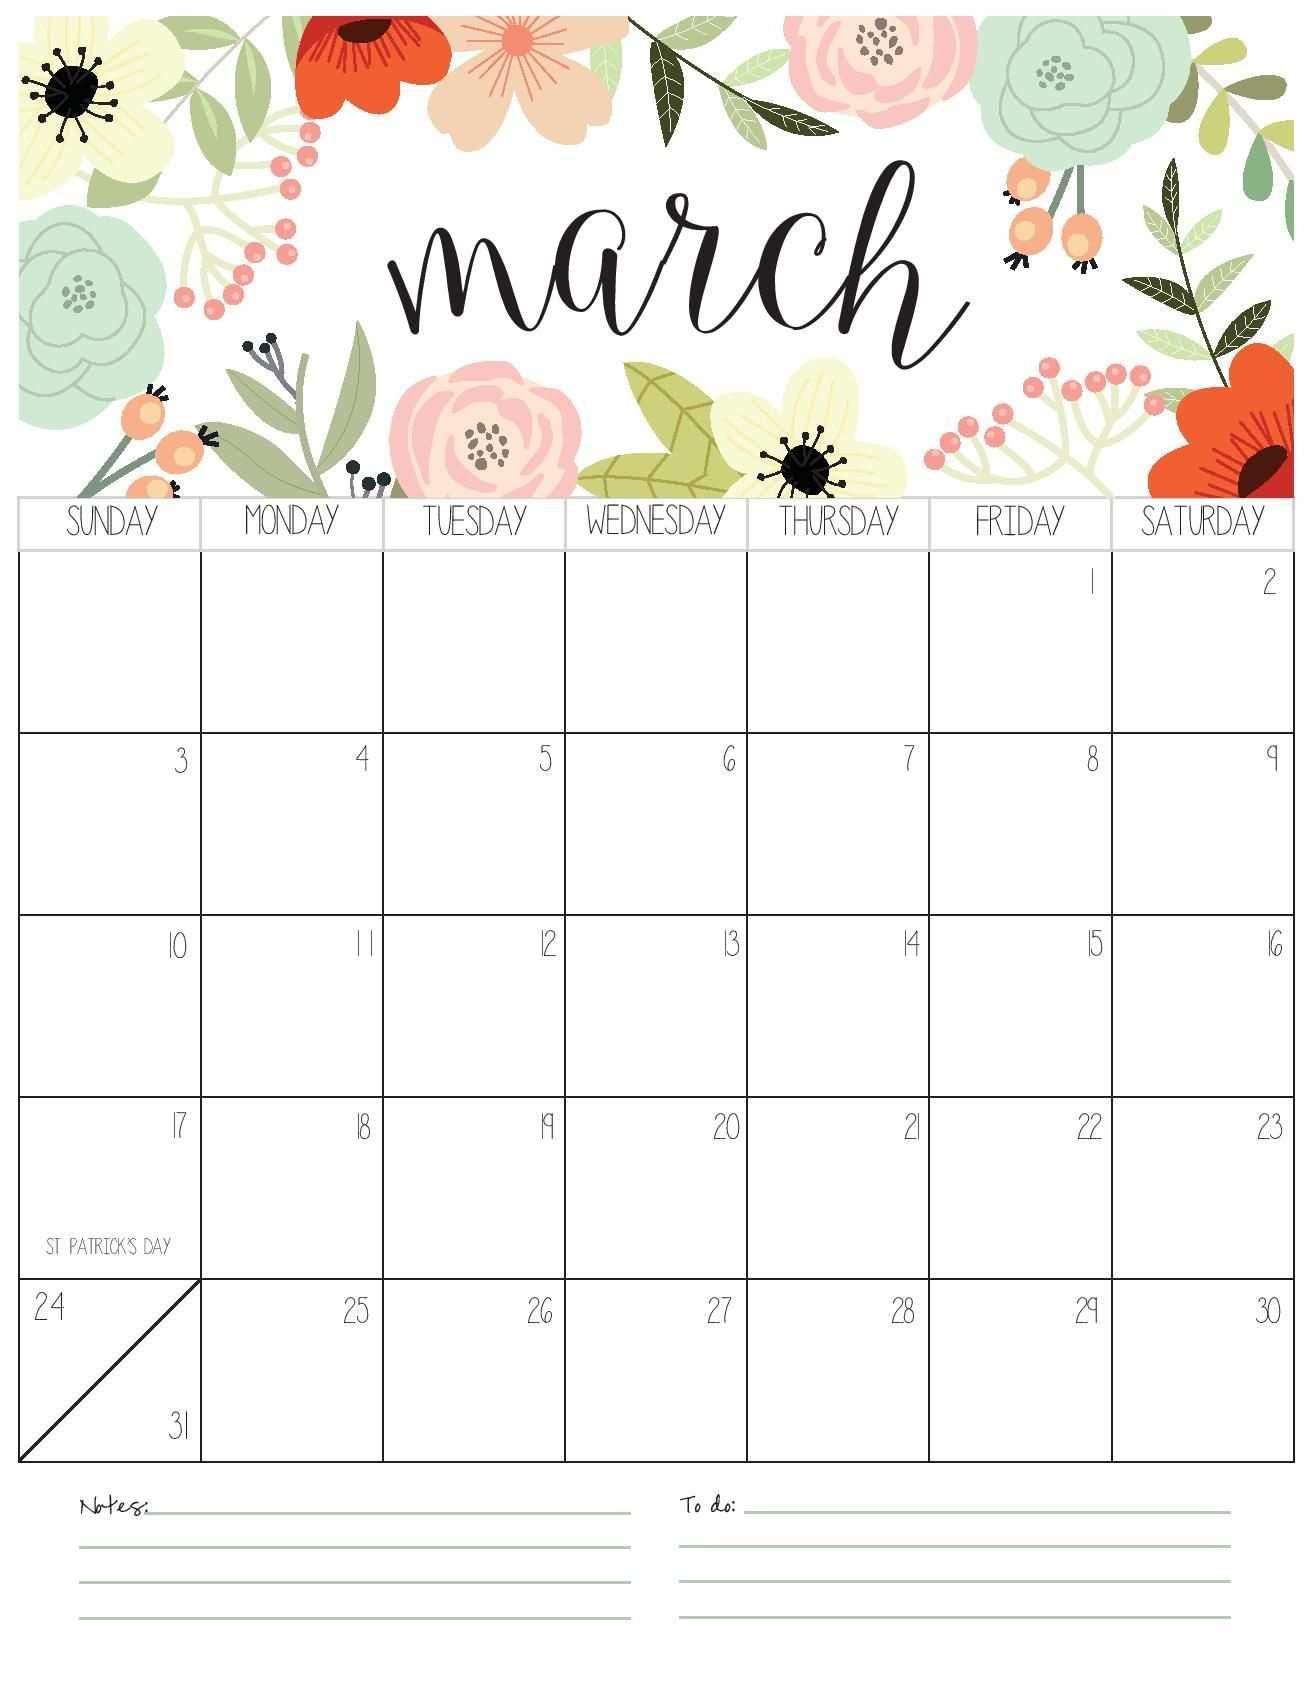 Tipss Und Vorlagen Kalender 2019 Zum Ausdrucken Fur Kinder Kalender Vorlagen Kalender Fur Kinder Kalender Zum Ausdrucken